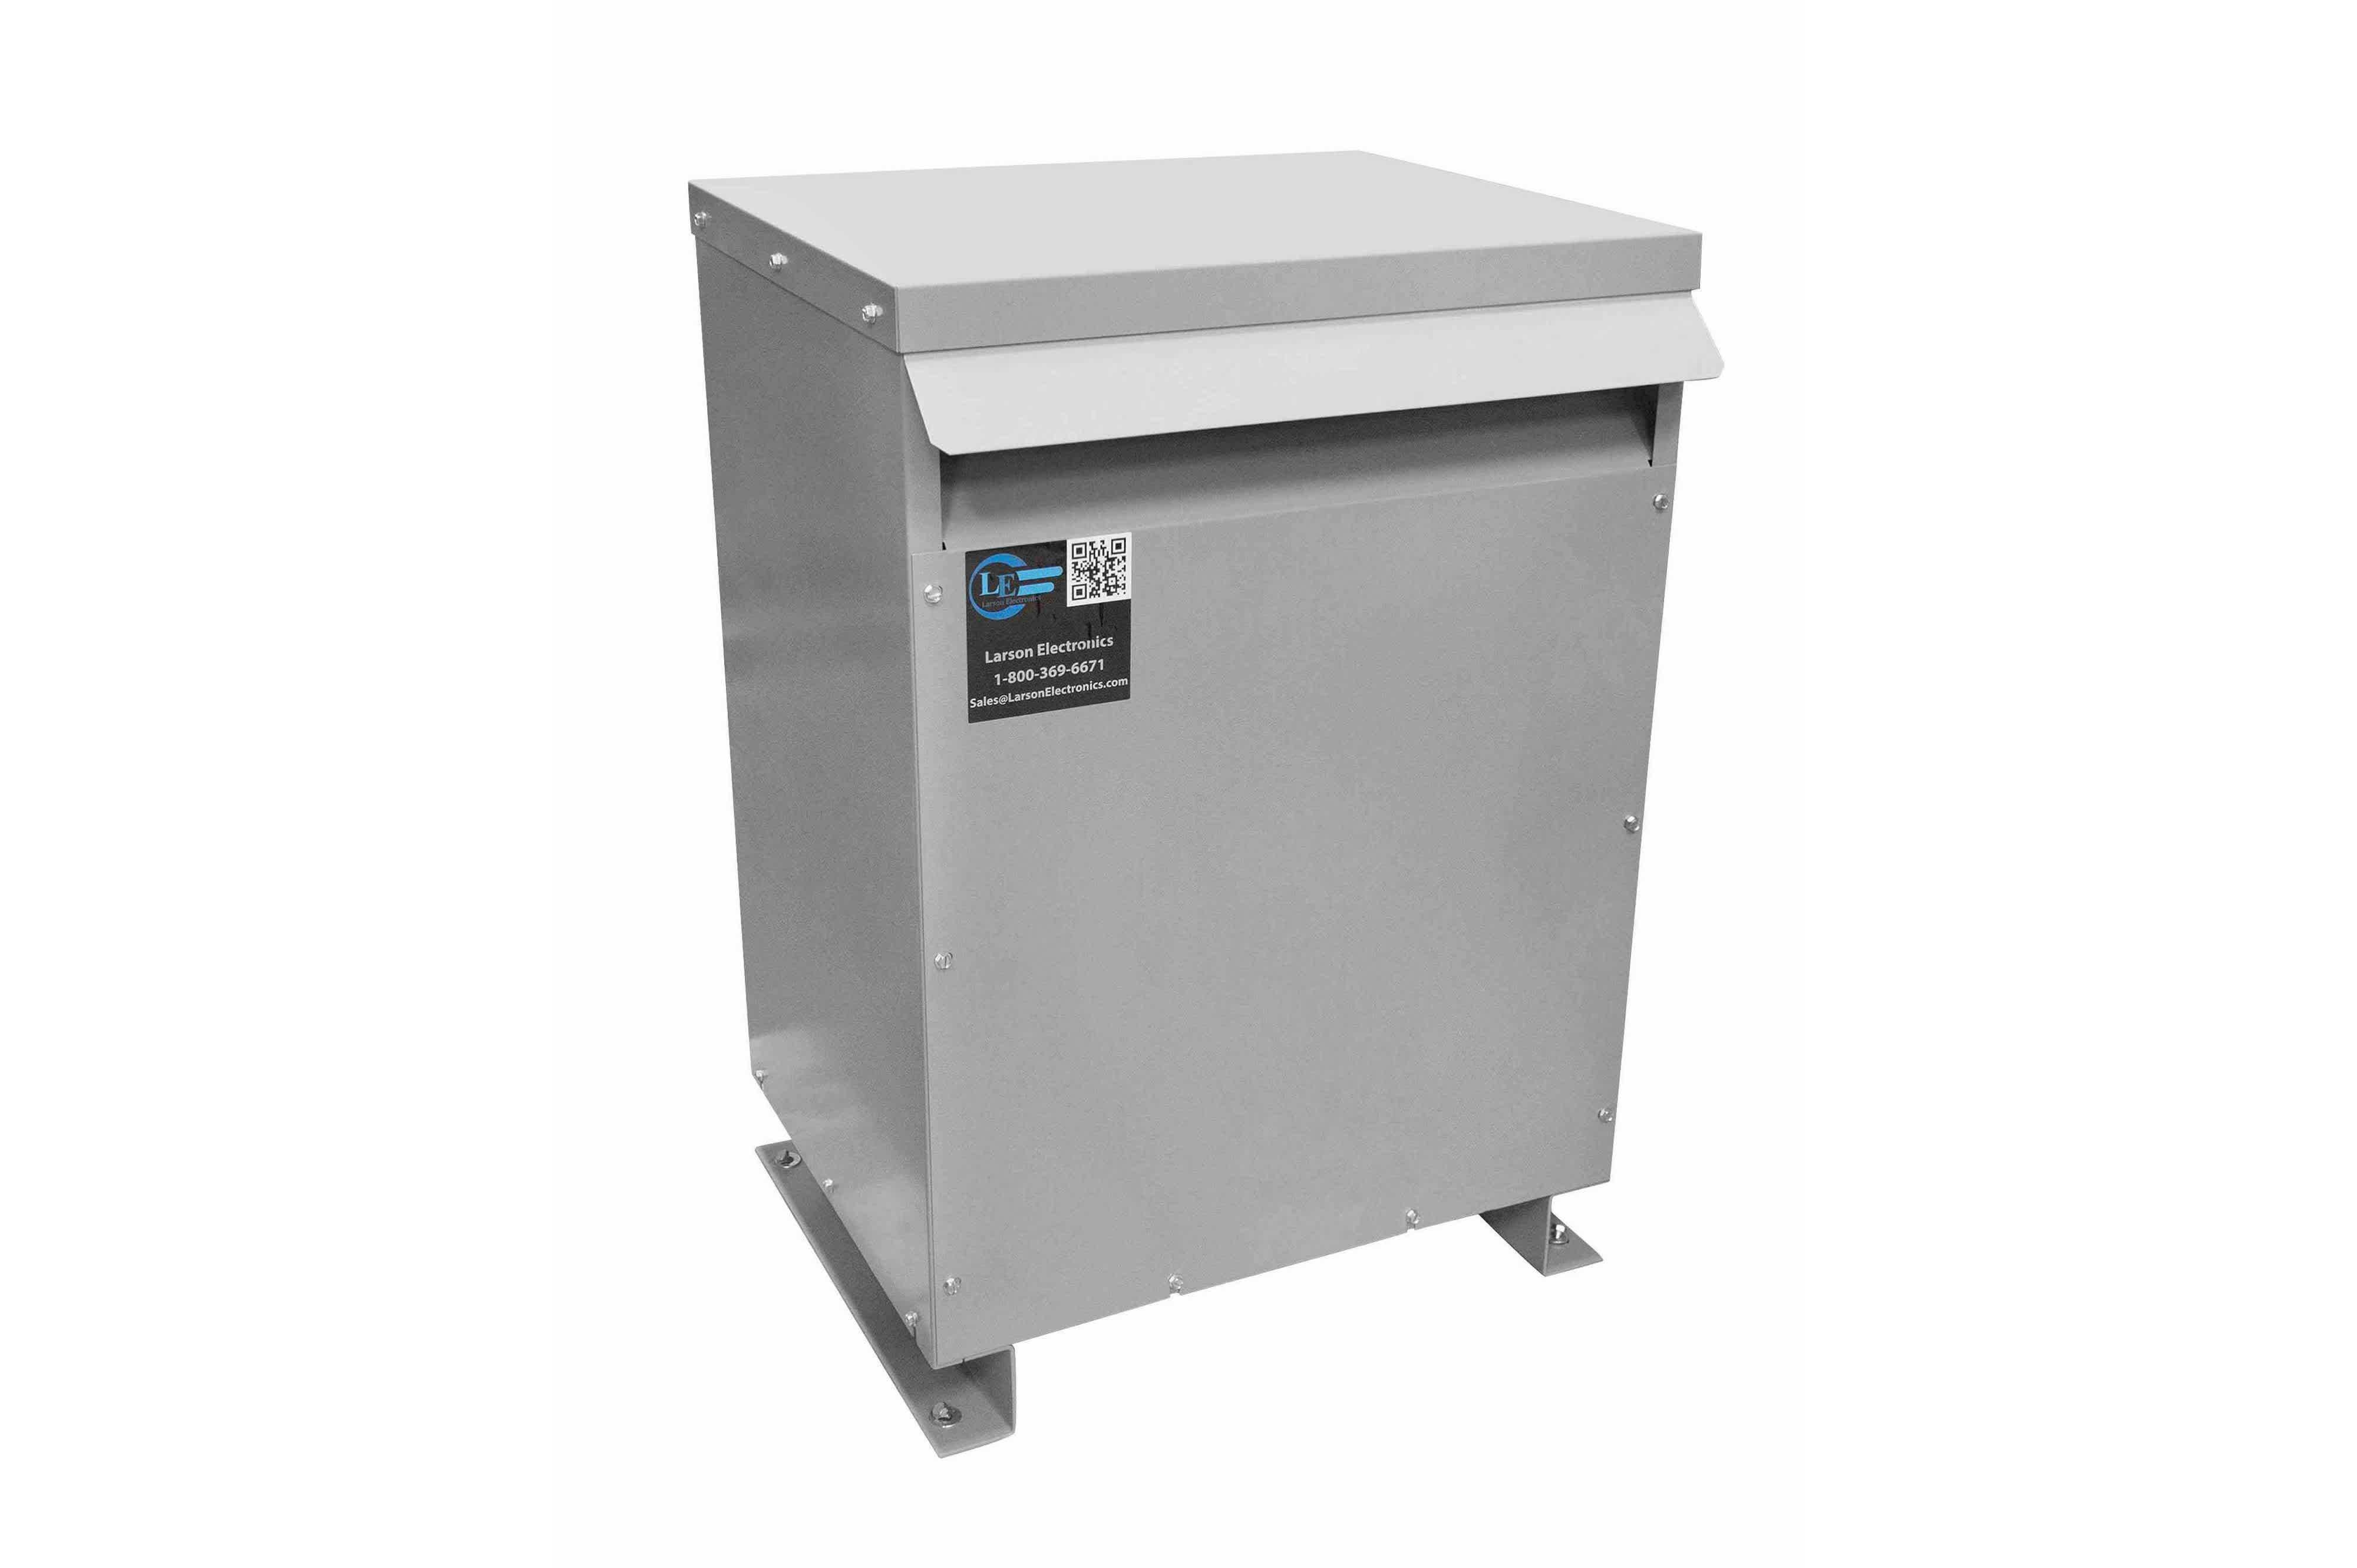 137.5 kVA 3PH Isolation Transformer, 600V Delta Primary, 415V Delta Secondary, N3R, Ventilated, 60 Hz